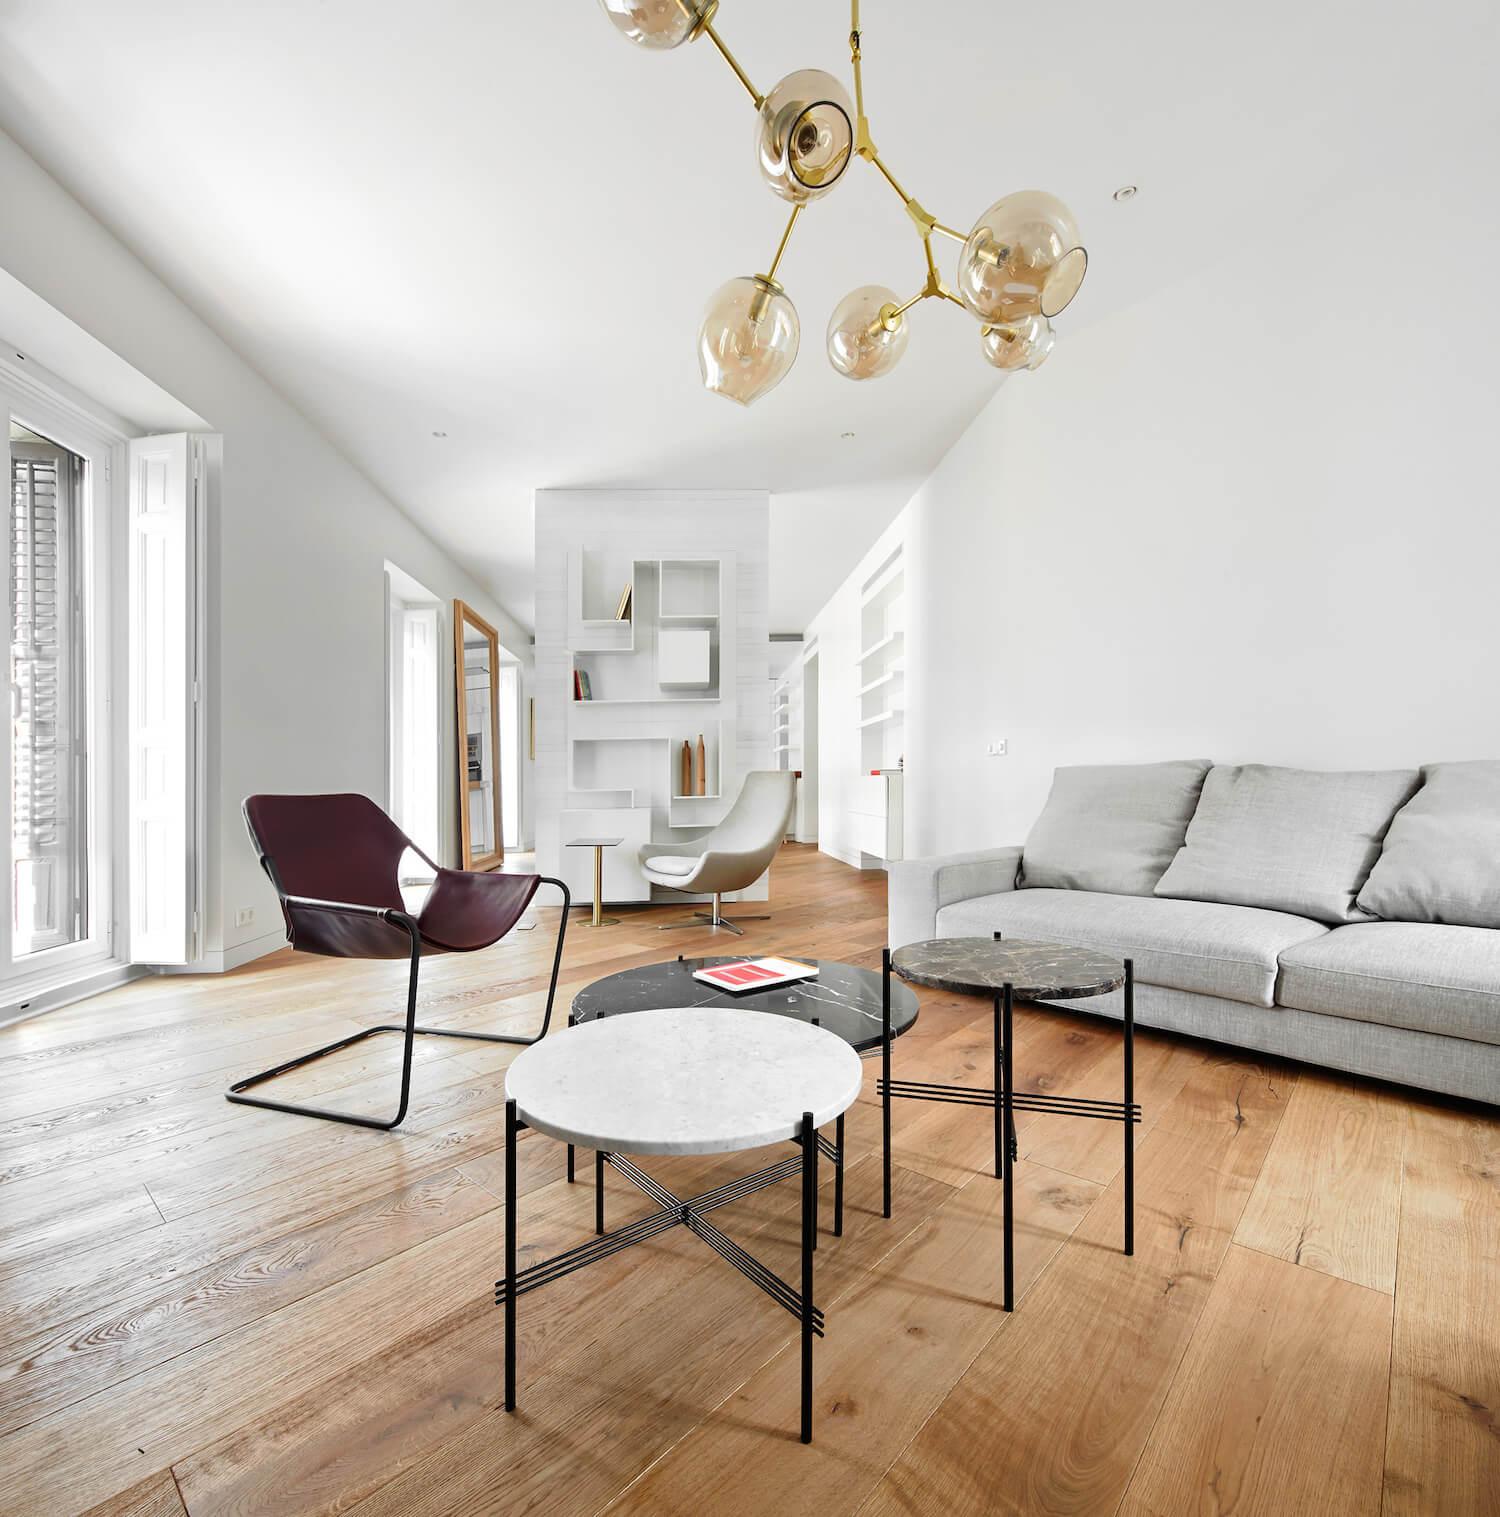 est living interior house pv2 11